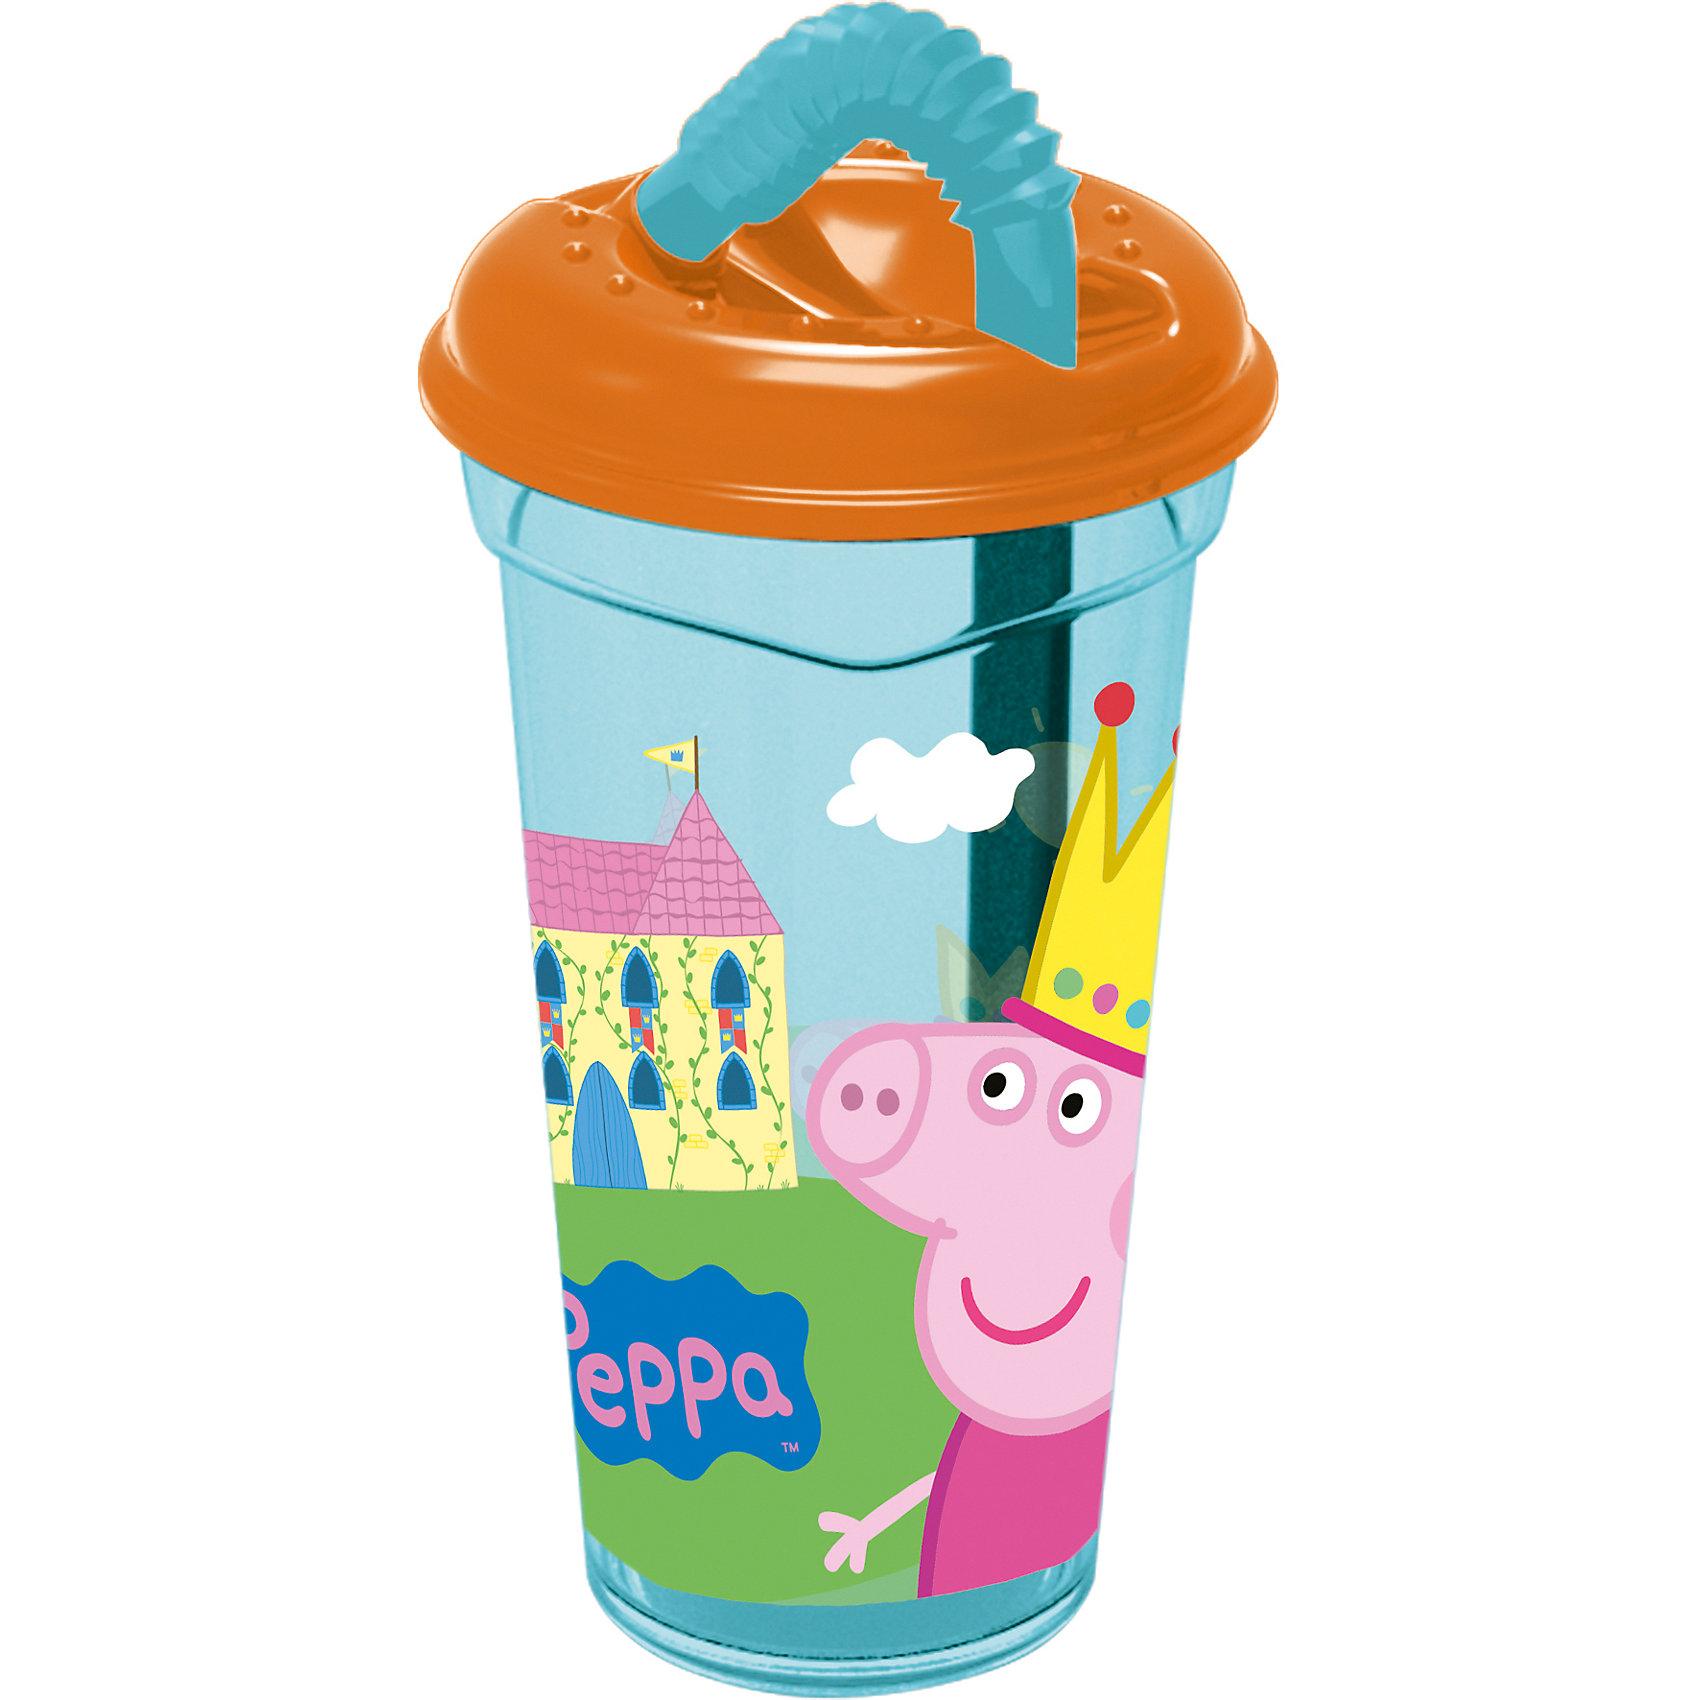 Стакан пластиковый с соломинкой и крышкой 400 мл., Свинка ПеппаСвинка Пеппа<br>Характеристики:<br><br>• возраст: от 3 лет;<br>• объем: 400 мл;<br>• дополнительные опции: крышка, соломинка;<br>• материал: пищевой пластик;<br>• размер: 8,7х8,7х17 см;<br>• вес: 80 г.<br>   <br>Красочный детский стакан с изображениями любимых телевизионных героев предназначен для детей от 3 лет. Яркую посуду можно использовать дома, брать с собой в дорогу или на пикник. <br><br>Стакан изготовлен из высококачественного пищевого пластика. Удобная крышка плотно закрывает стакан с жидкостью, а трубочка закреплена в отверстии. Стакан можно использовать для обучения детей самостоятельному приему пищи, он не бьется и безопасен для малышей.<br><br>Стакан пластиковый с соломинкой и крышкой 400 мл., Свинка Пеппа, Stor можно приобрести в нашем интернет-магазине.<br><br>Ширина мм: 87<br>Глубина мм: 87<br>Высота мм: 170<br>Вес г: 78<br>Возраст от месяцев: 36<br>Возраст до месяцев: 2147483647<br>Пол: Унисекс<br>Возраст: Детский<br>SKU: 7010350